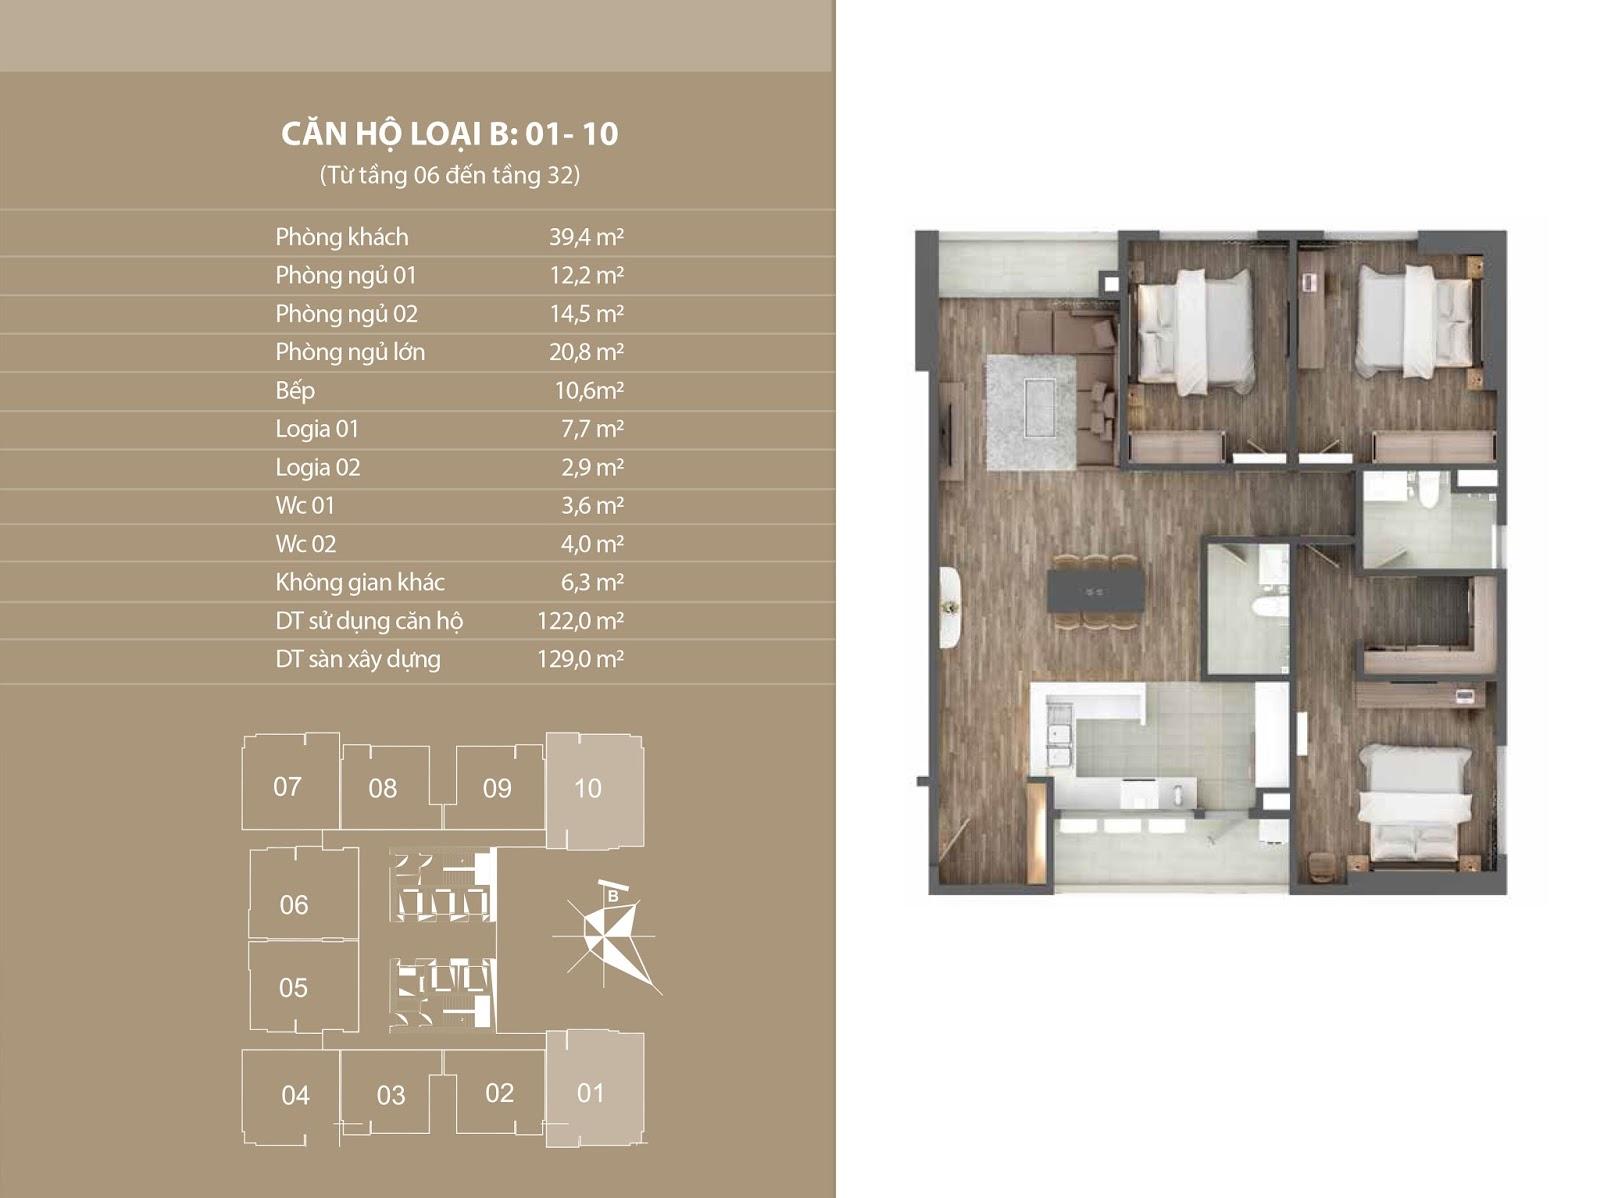 Thiết kế căn hộ chung cư Phú Mỹ Complex - Căn 01 và 10